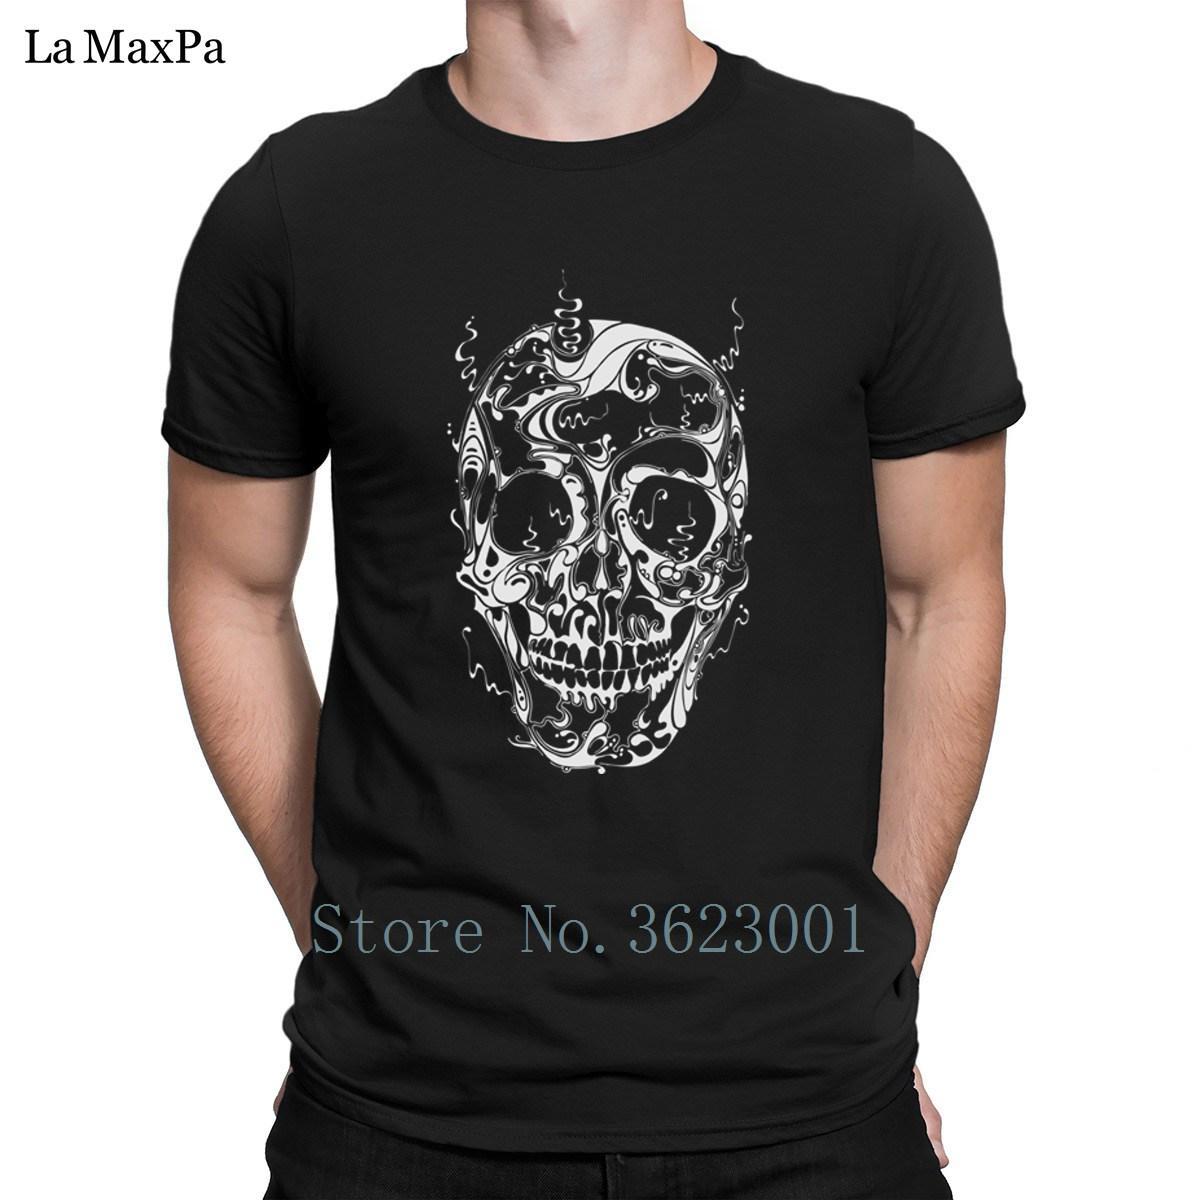 디자인 새로운 패션 남성 T 셔츠 스컬 한 T 셔츠 남성 참신 티 셔츠 남자 독특한 t- 셔츠 크기는 S-3XL 힙합 맨 위로